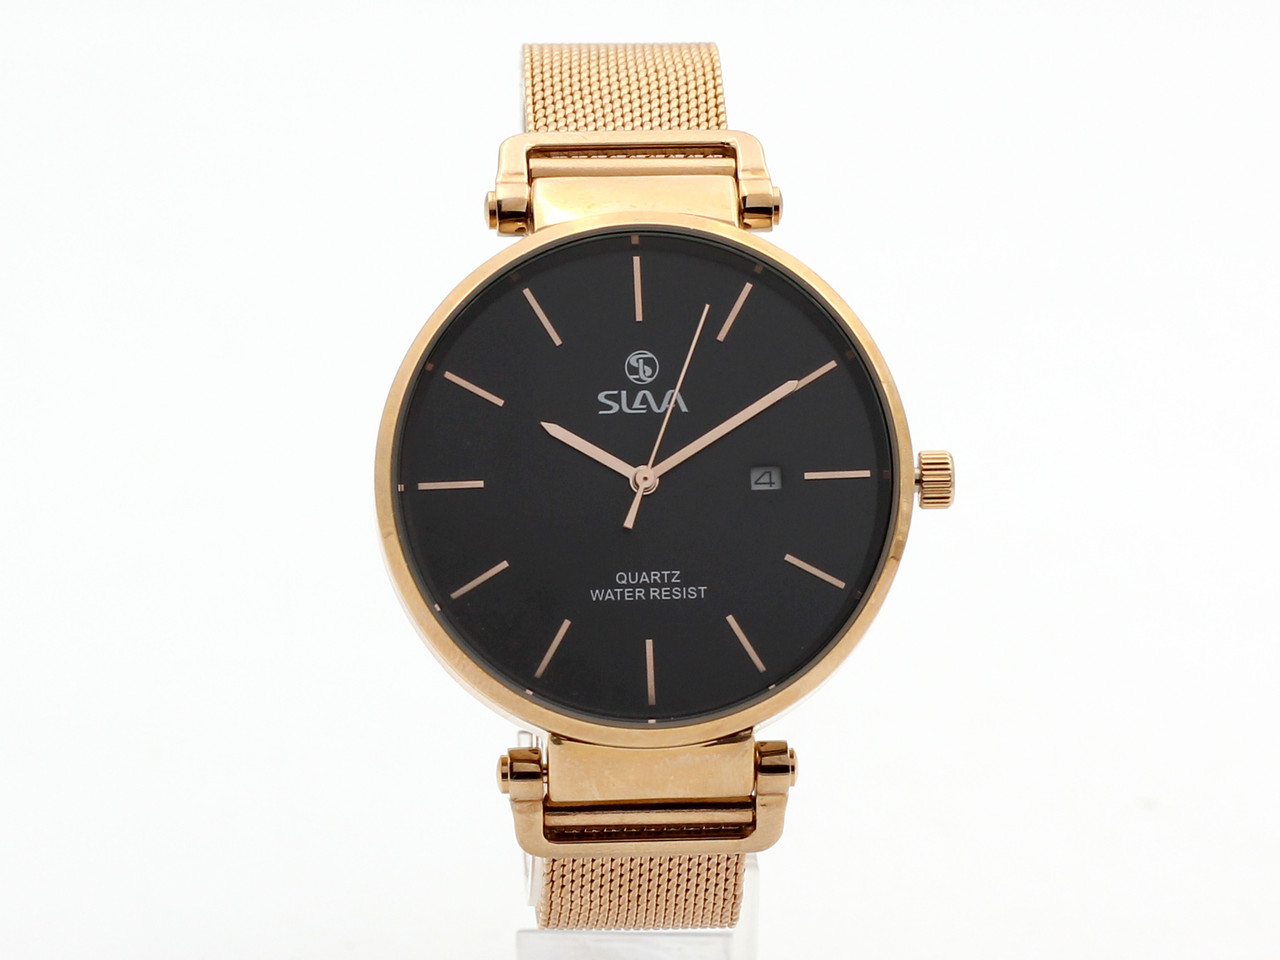 Годинники кварцові Slava, унісекс, чорний циферблат, металевий браслет і корпус золотисті (здійснює 14670)